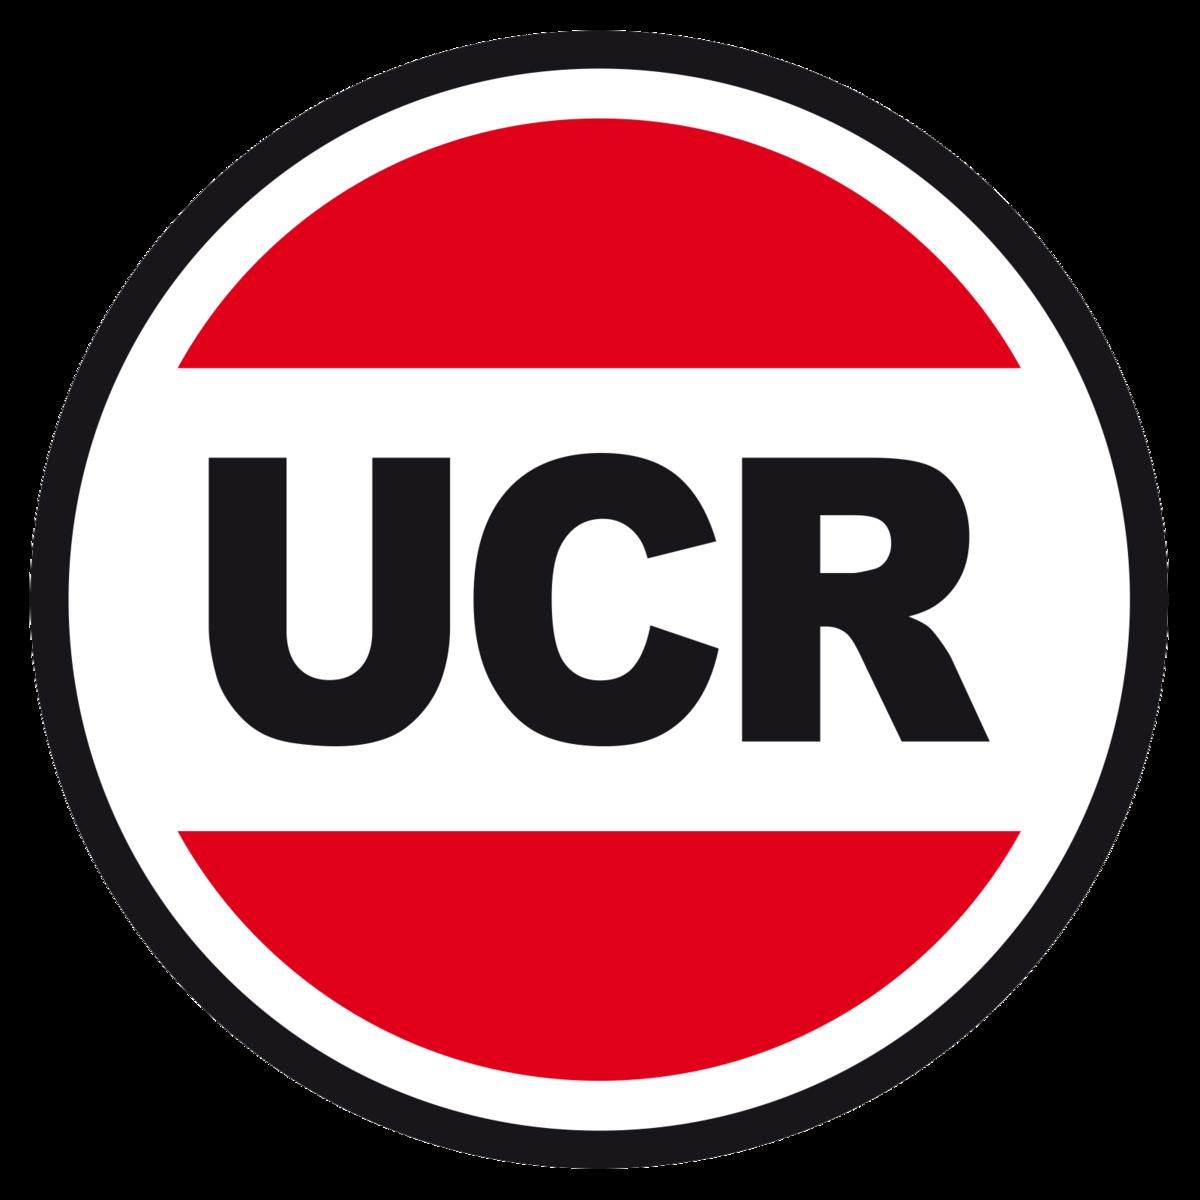 Resultado de imagen para logo union civica radical